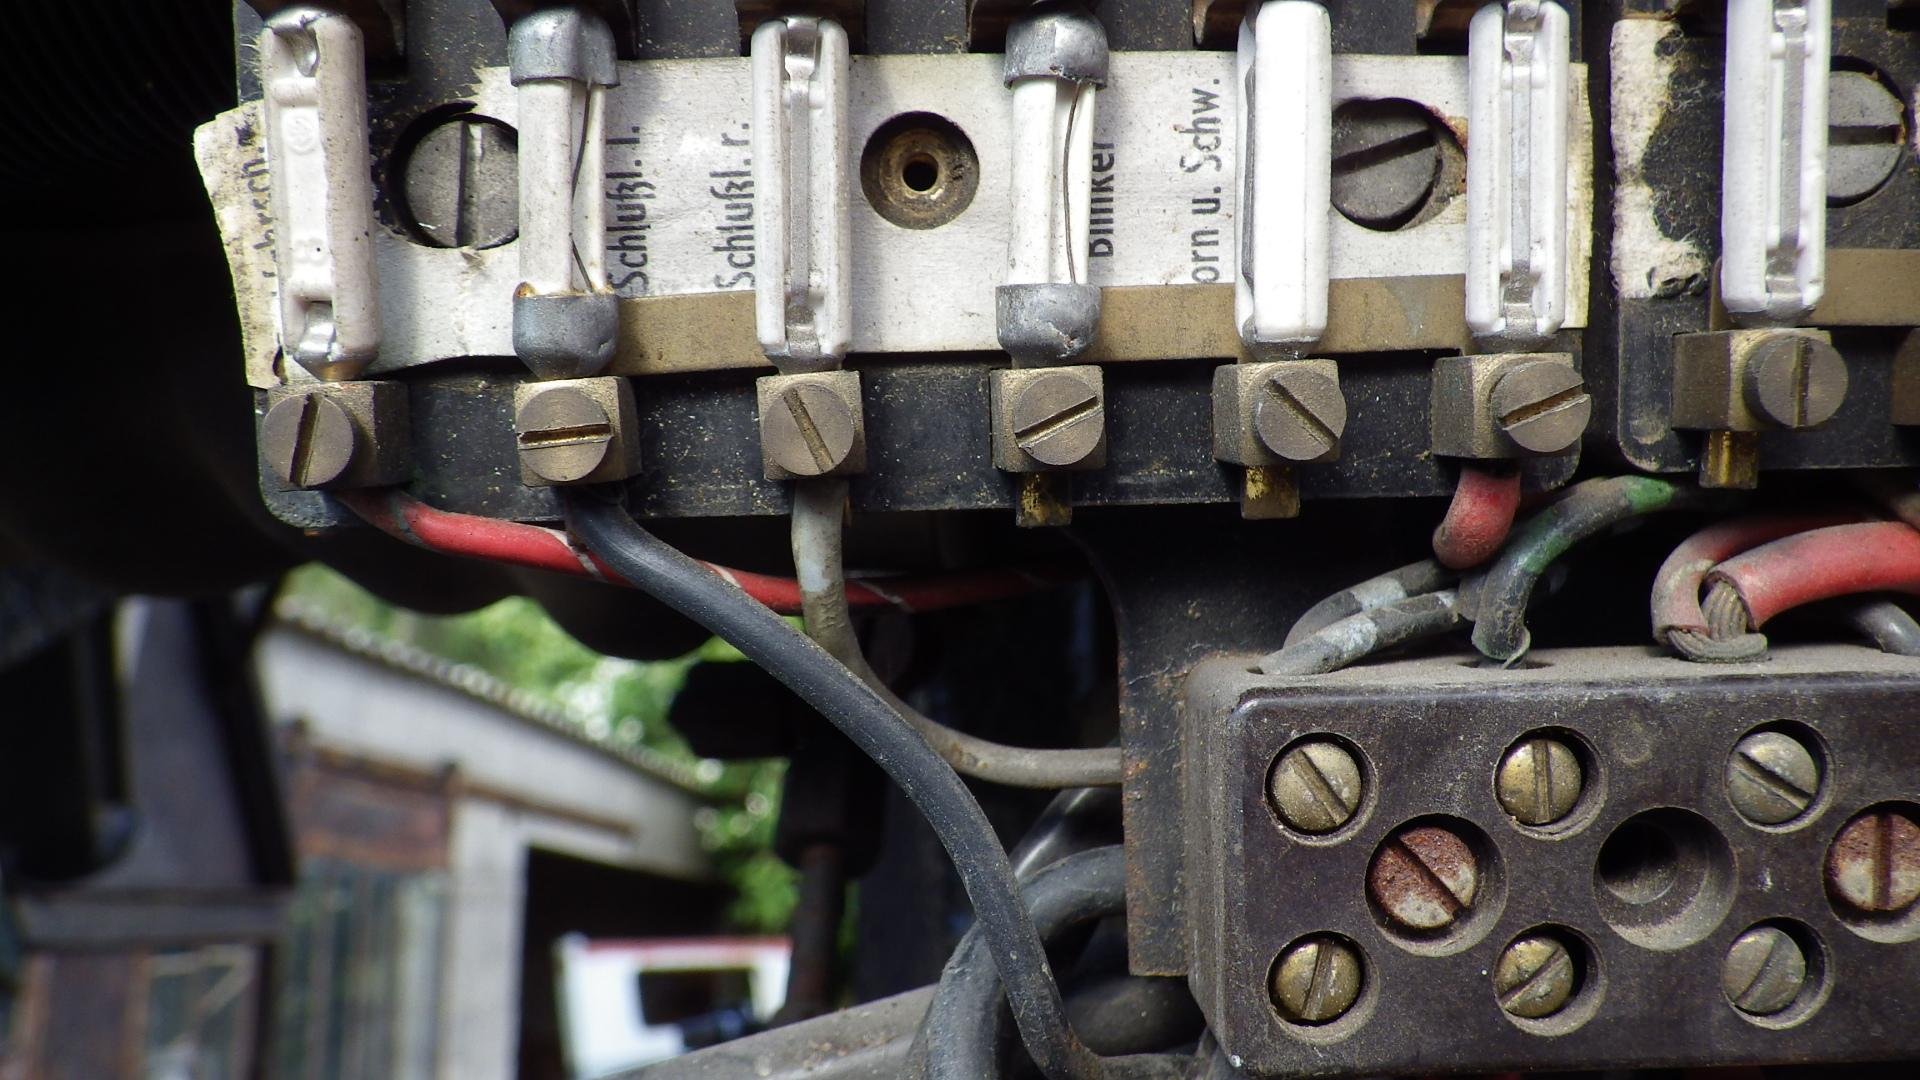 restauration du mog 406 de chenapan52 - Page 3 639531IMGP0232